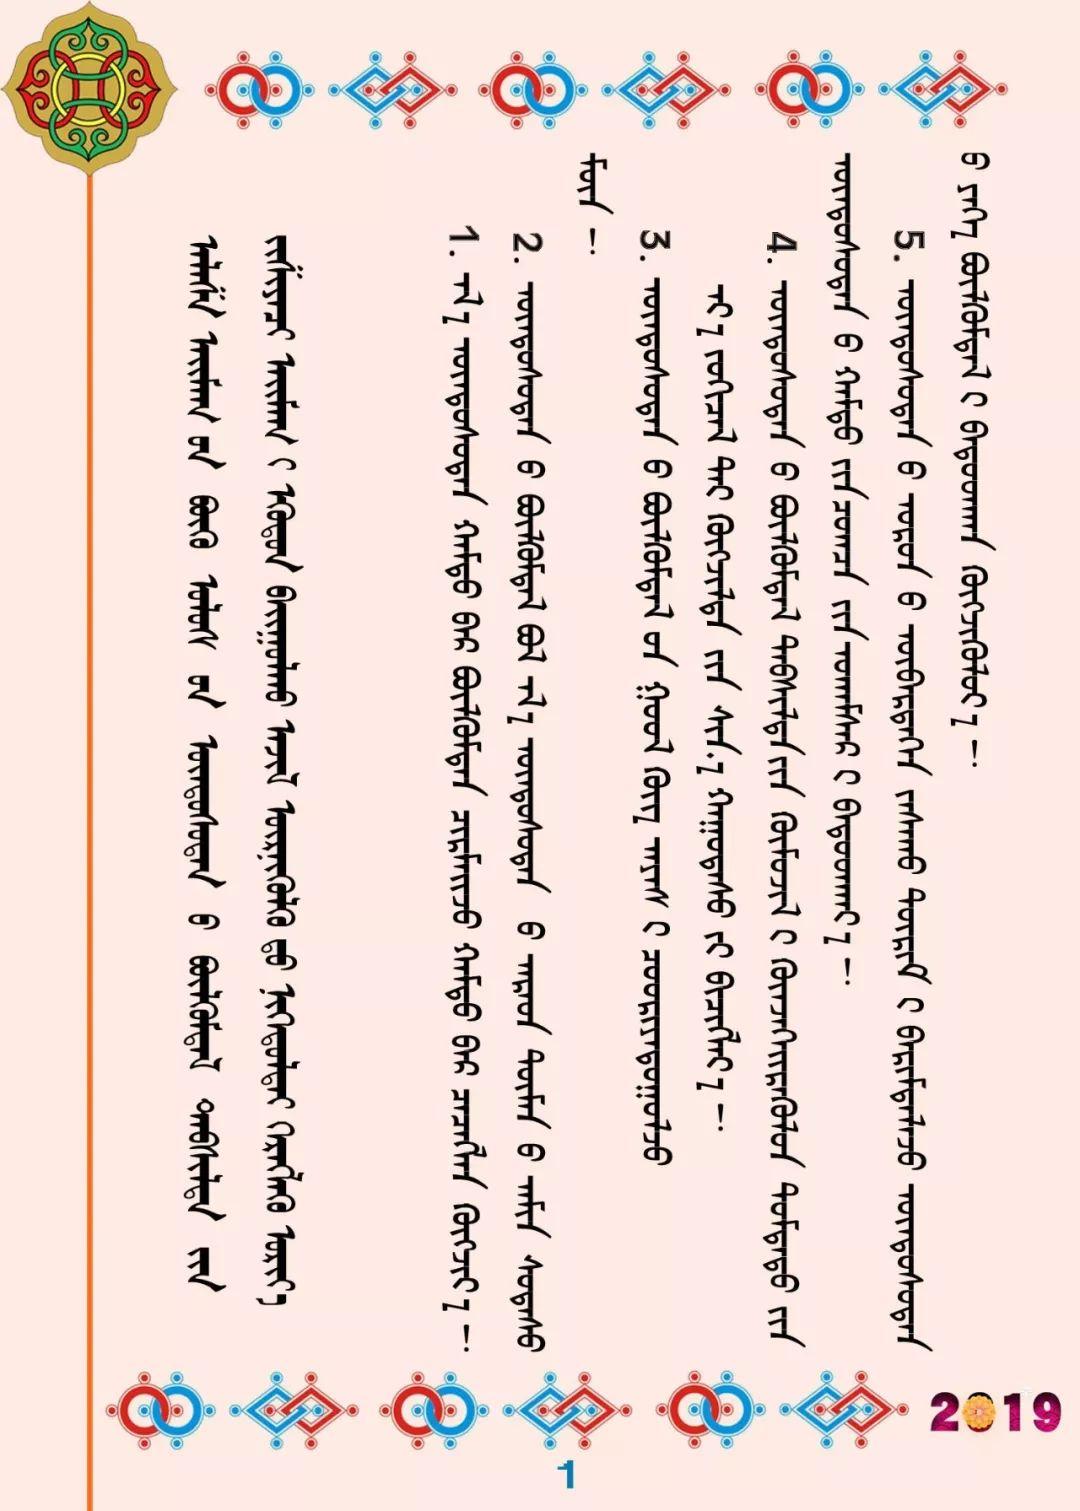 【蒙古文】阿拉善盟民族团结进步宣传标语(蒙汉双语)